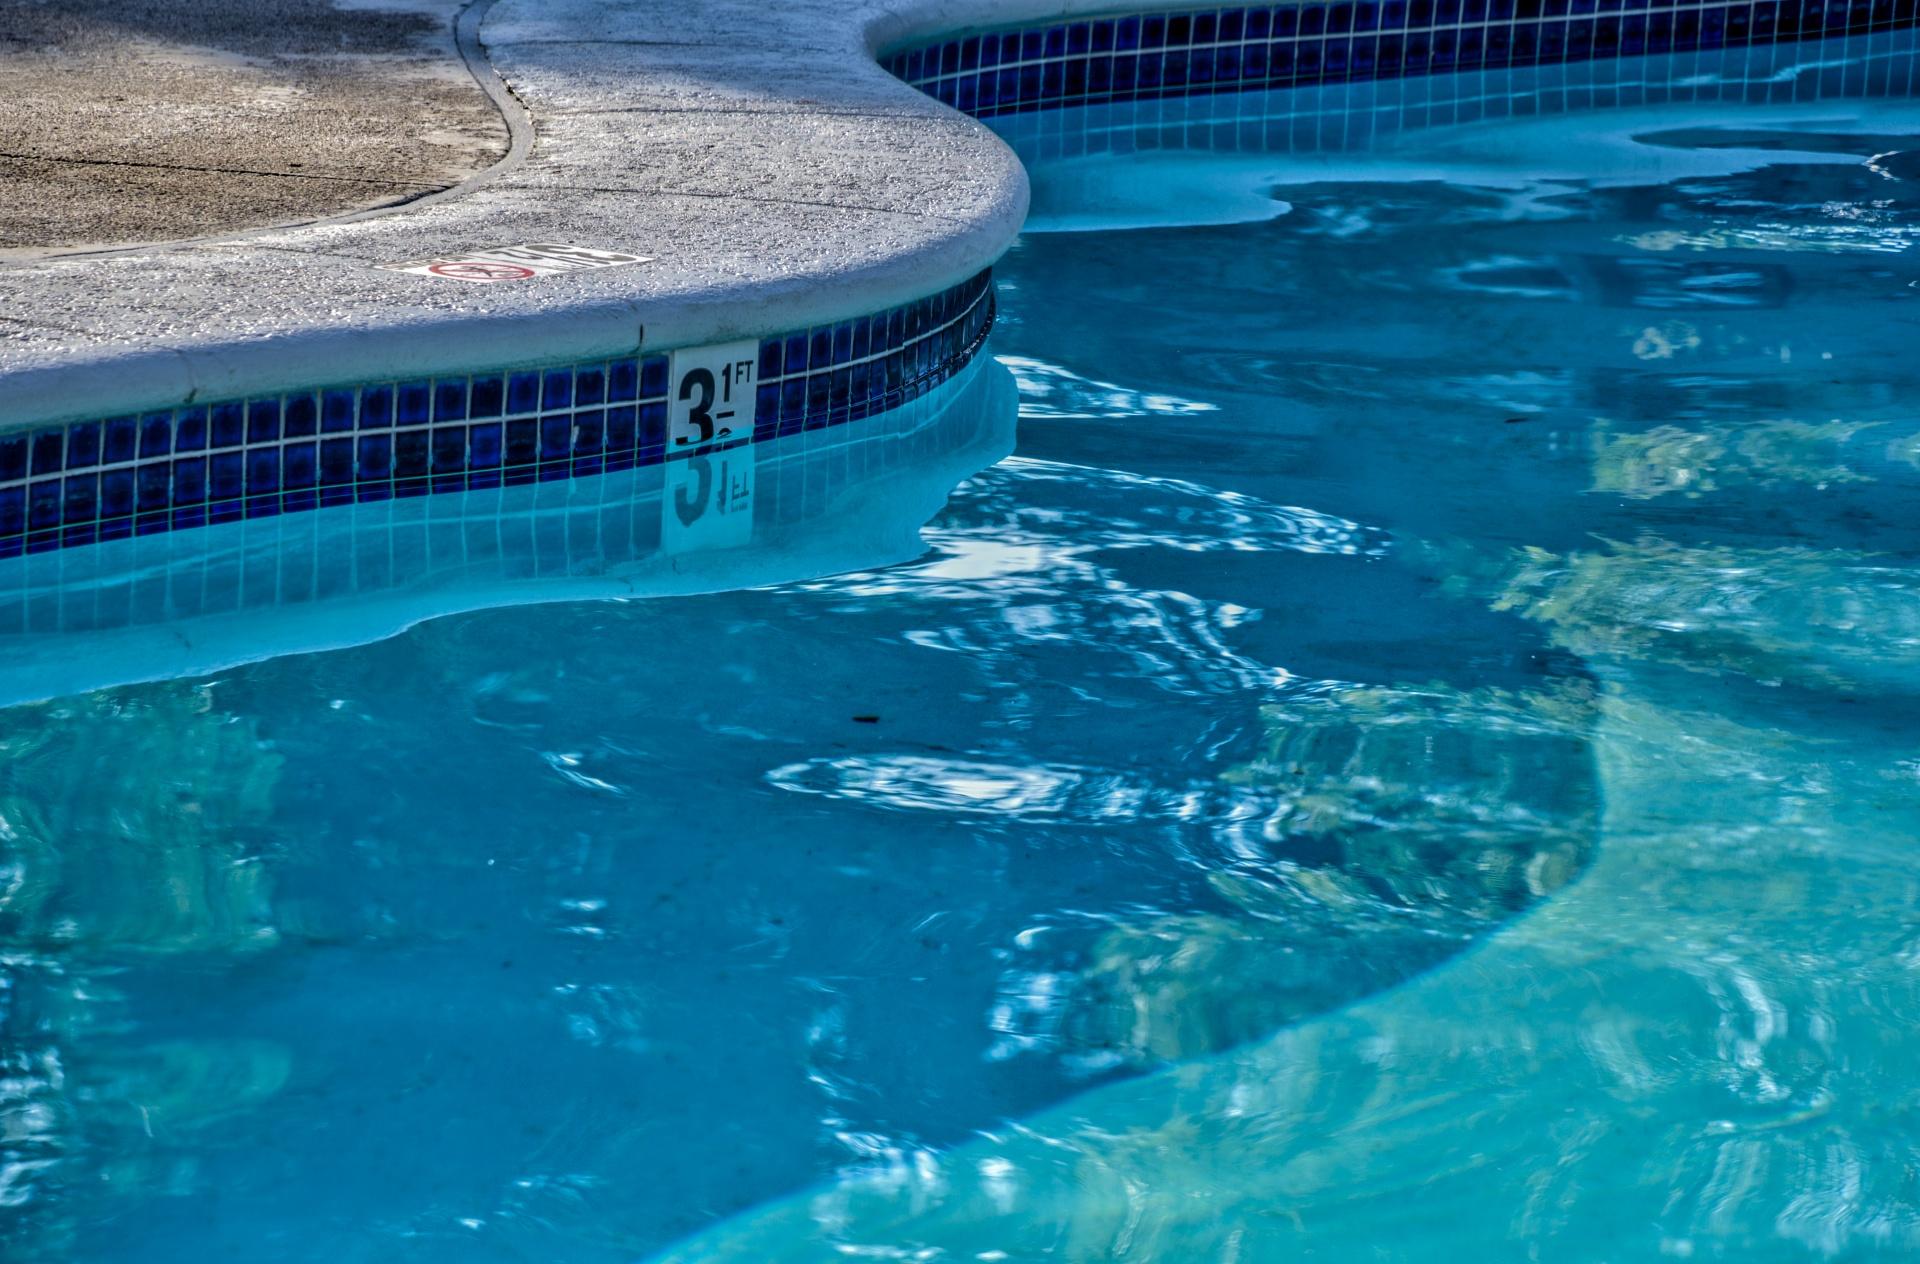 M dica alerta que piscinas t m entre 30 e 80ml de urina - The volume of water in a swimming pool ...